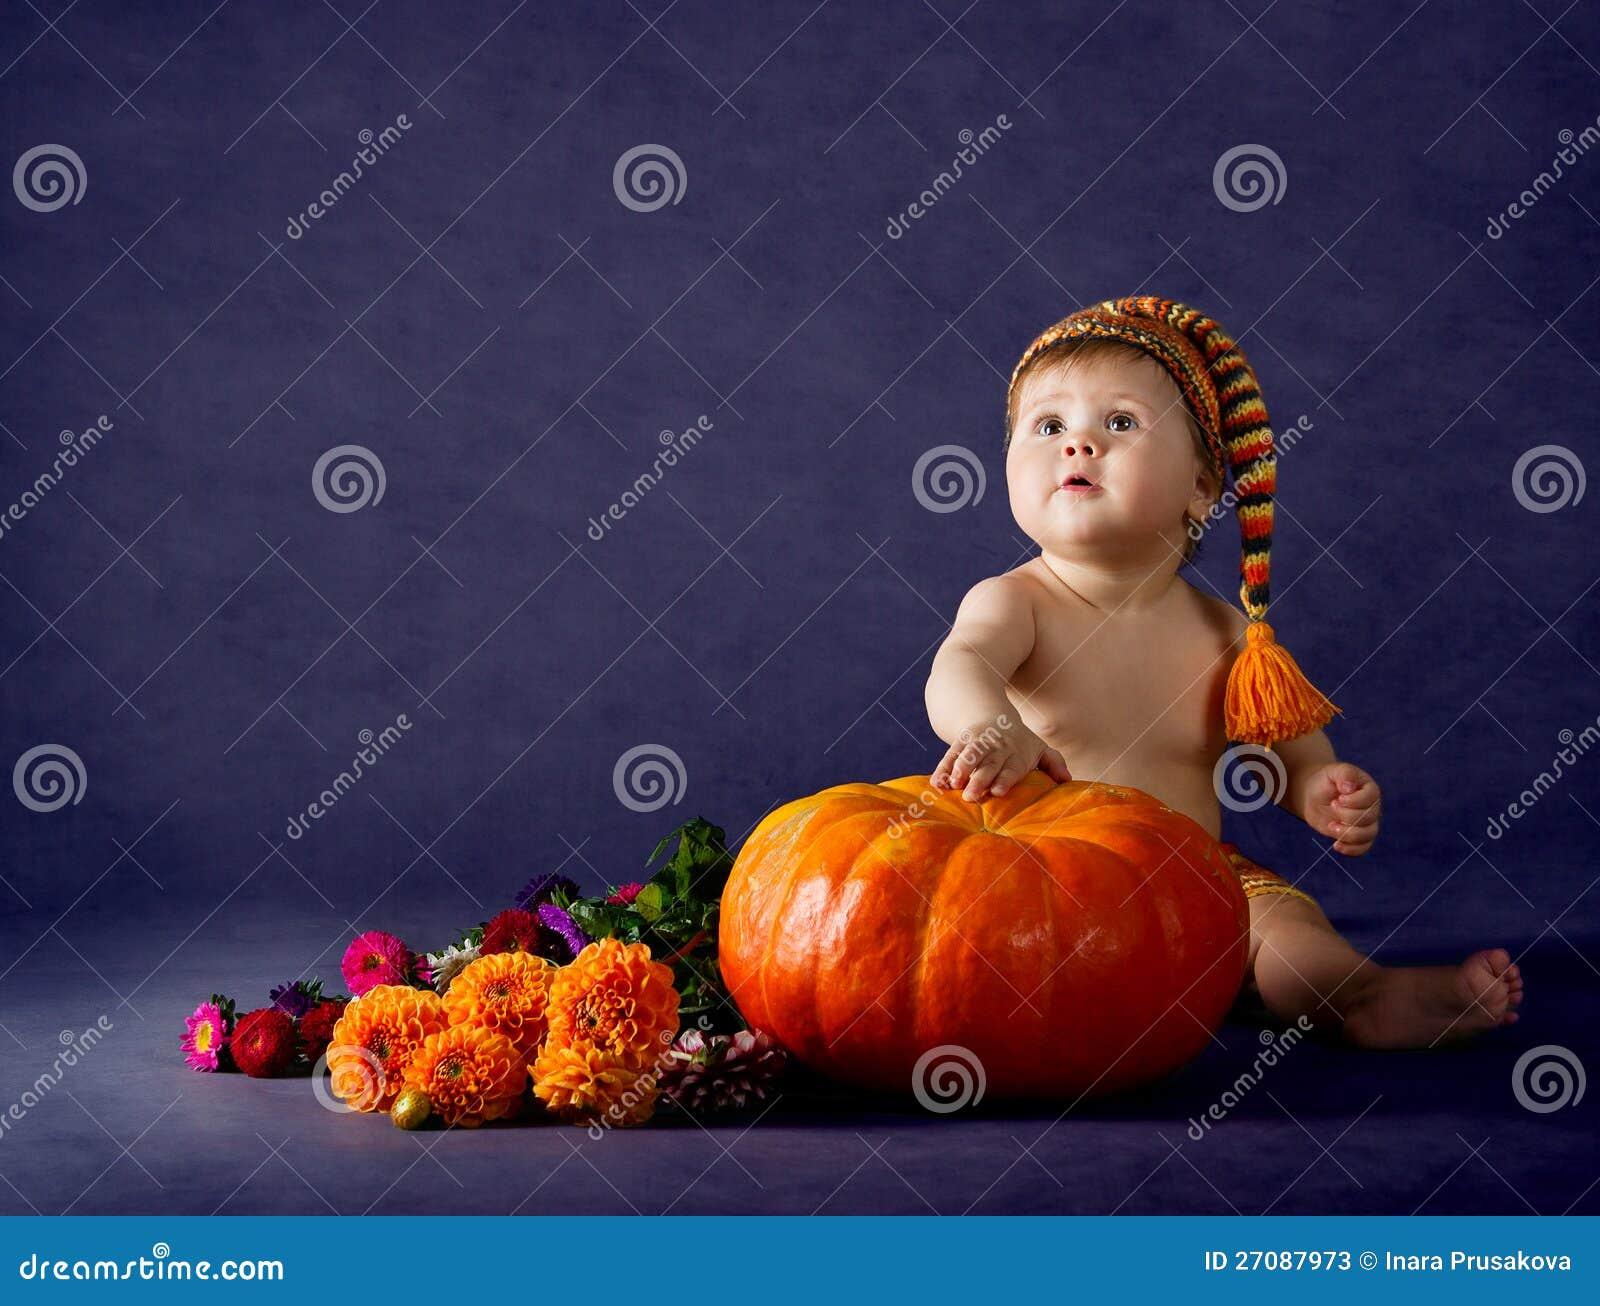 Ребенок с большой тыквой над пурпуровой предпосылкой.